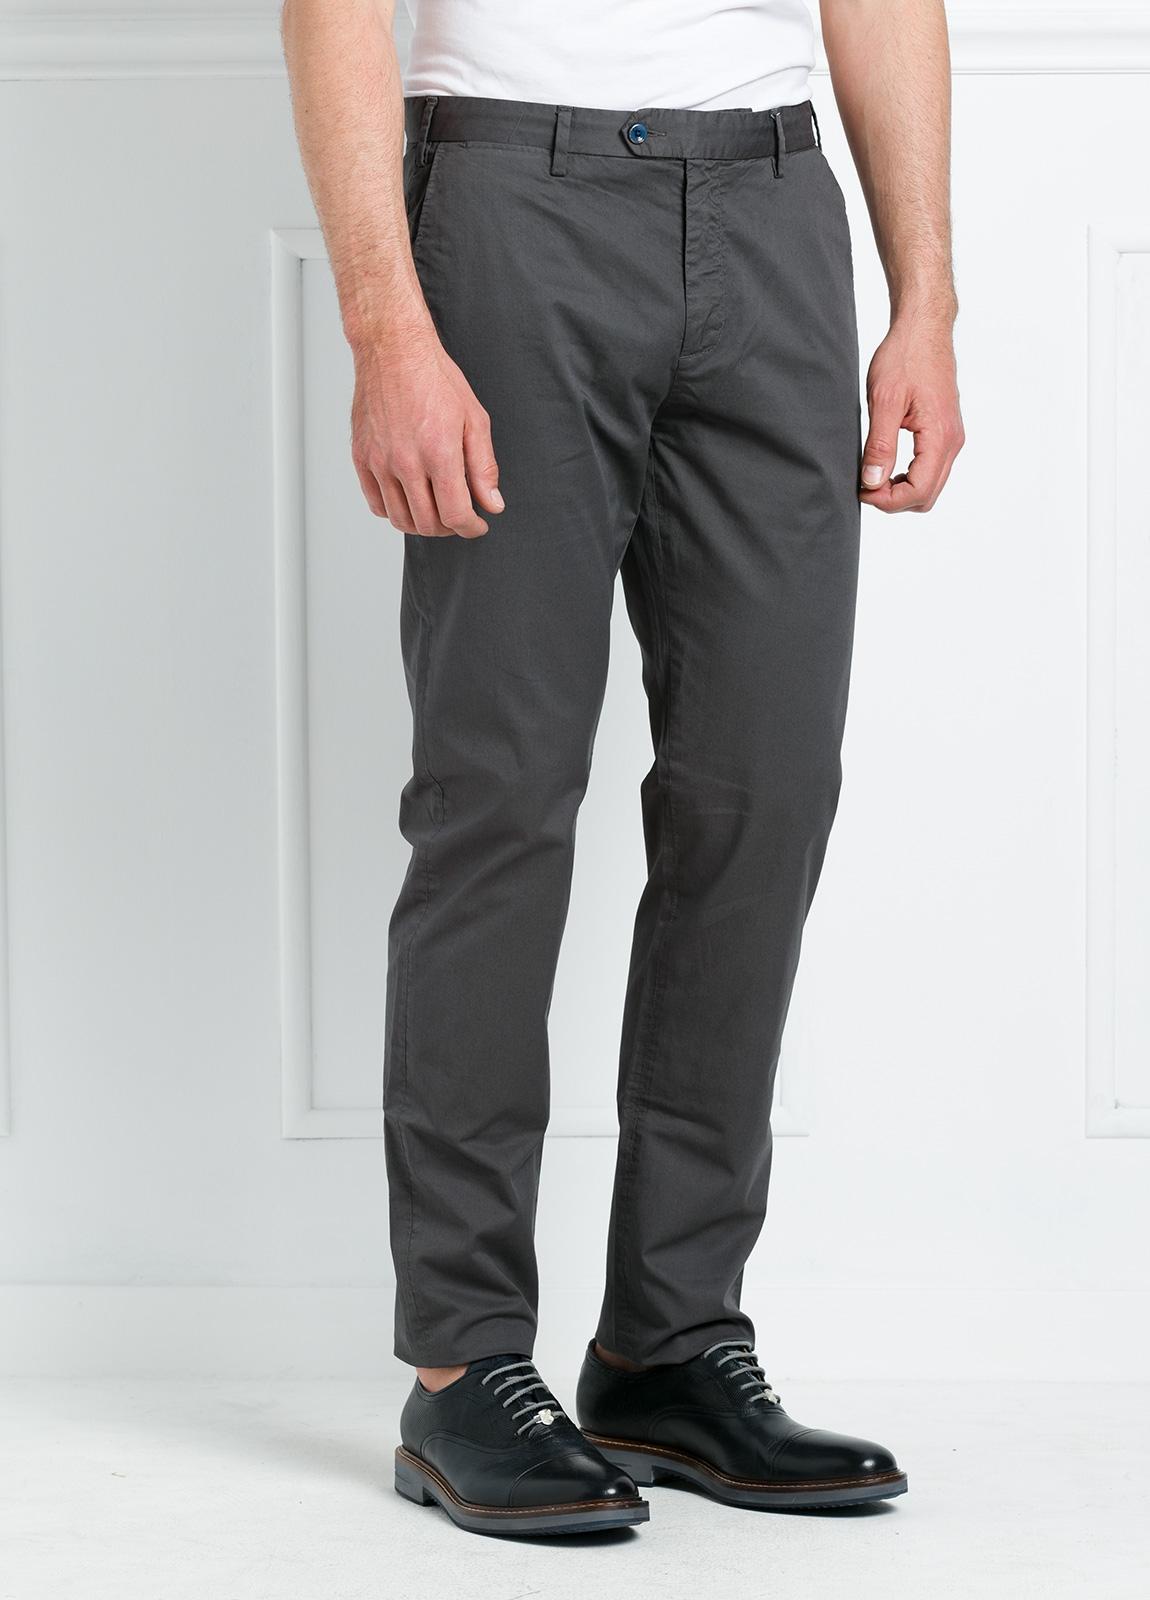 Pantalón chino REGULAR FIT modelo BRIAN color gris oscuro. 97% Algodón gabardina 3% Elastán.